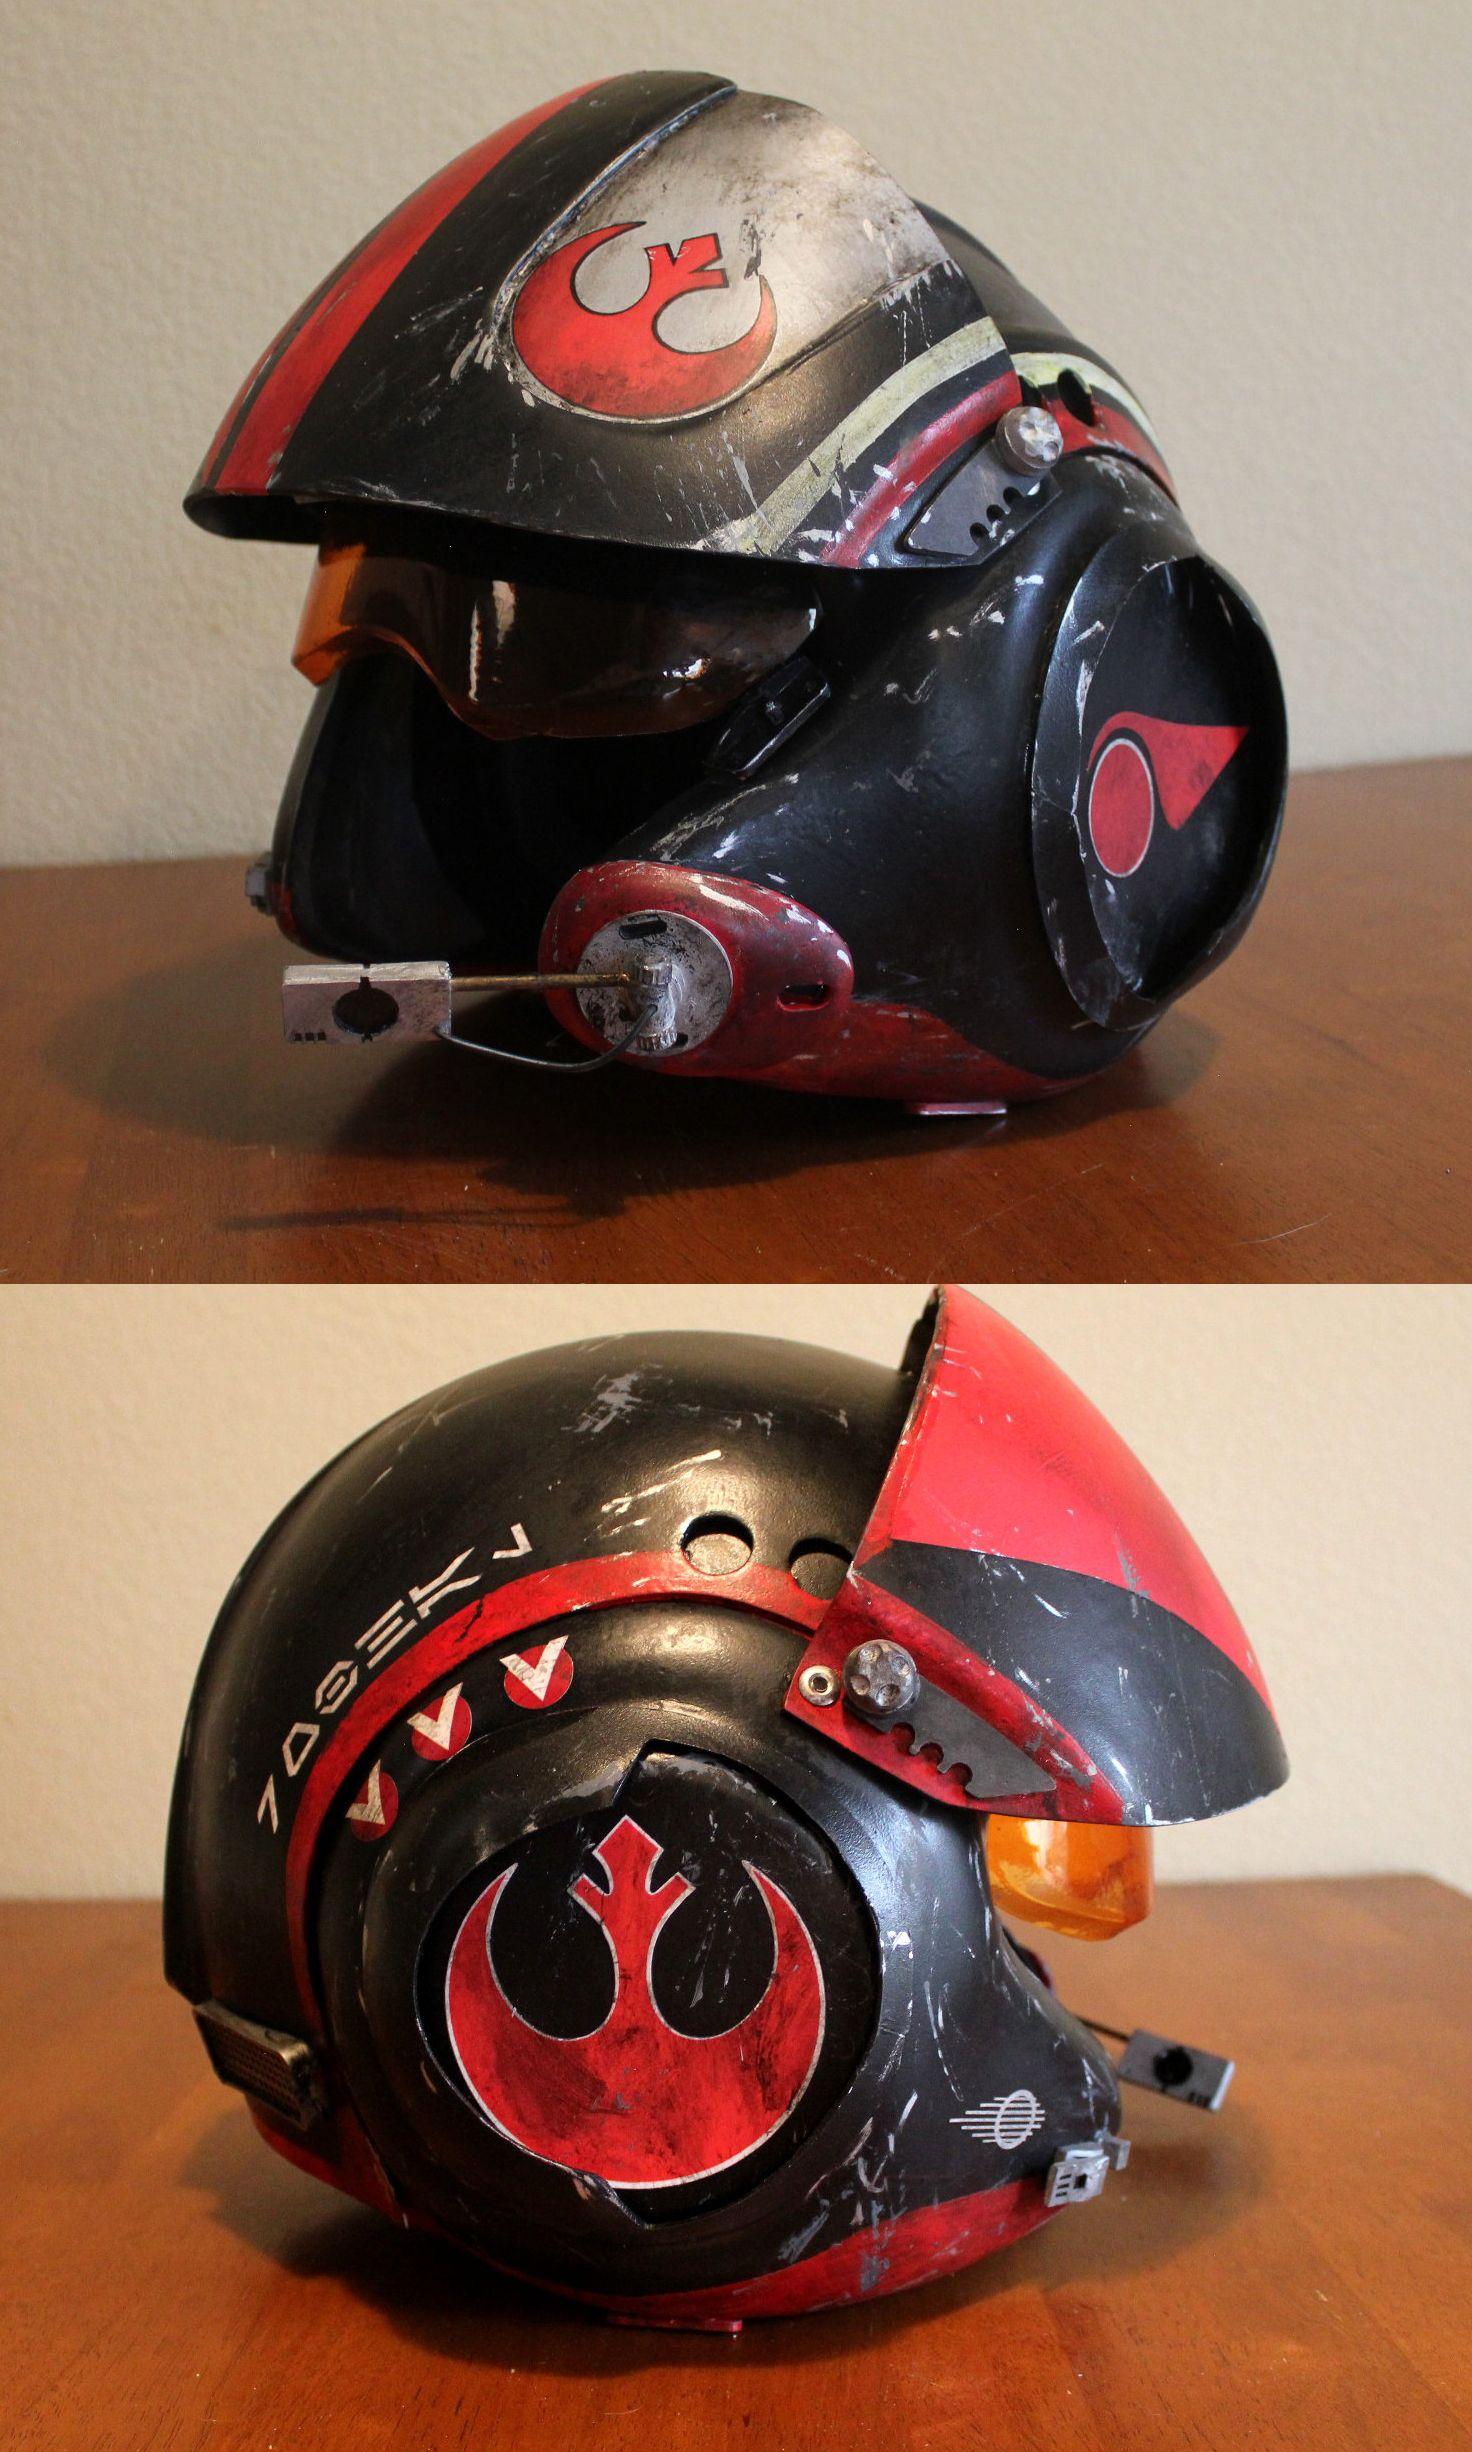 Episode 7 X Wing Pilot Helmet Episode 7 Pilot Helmet Prop Replicas Custom Fabrication Special Effects Pilot Helmet Star Wars Helmet Helmet